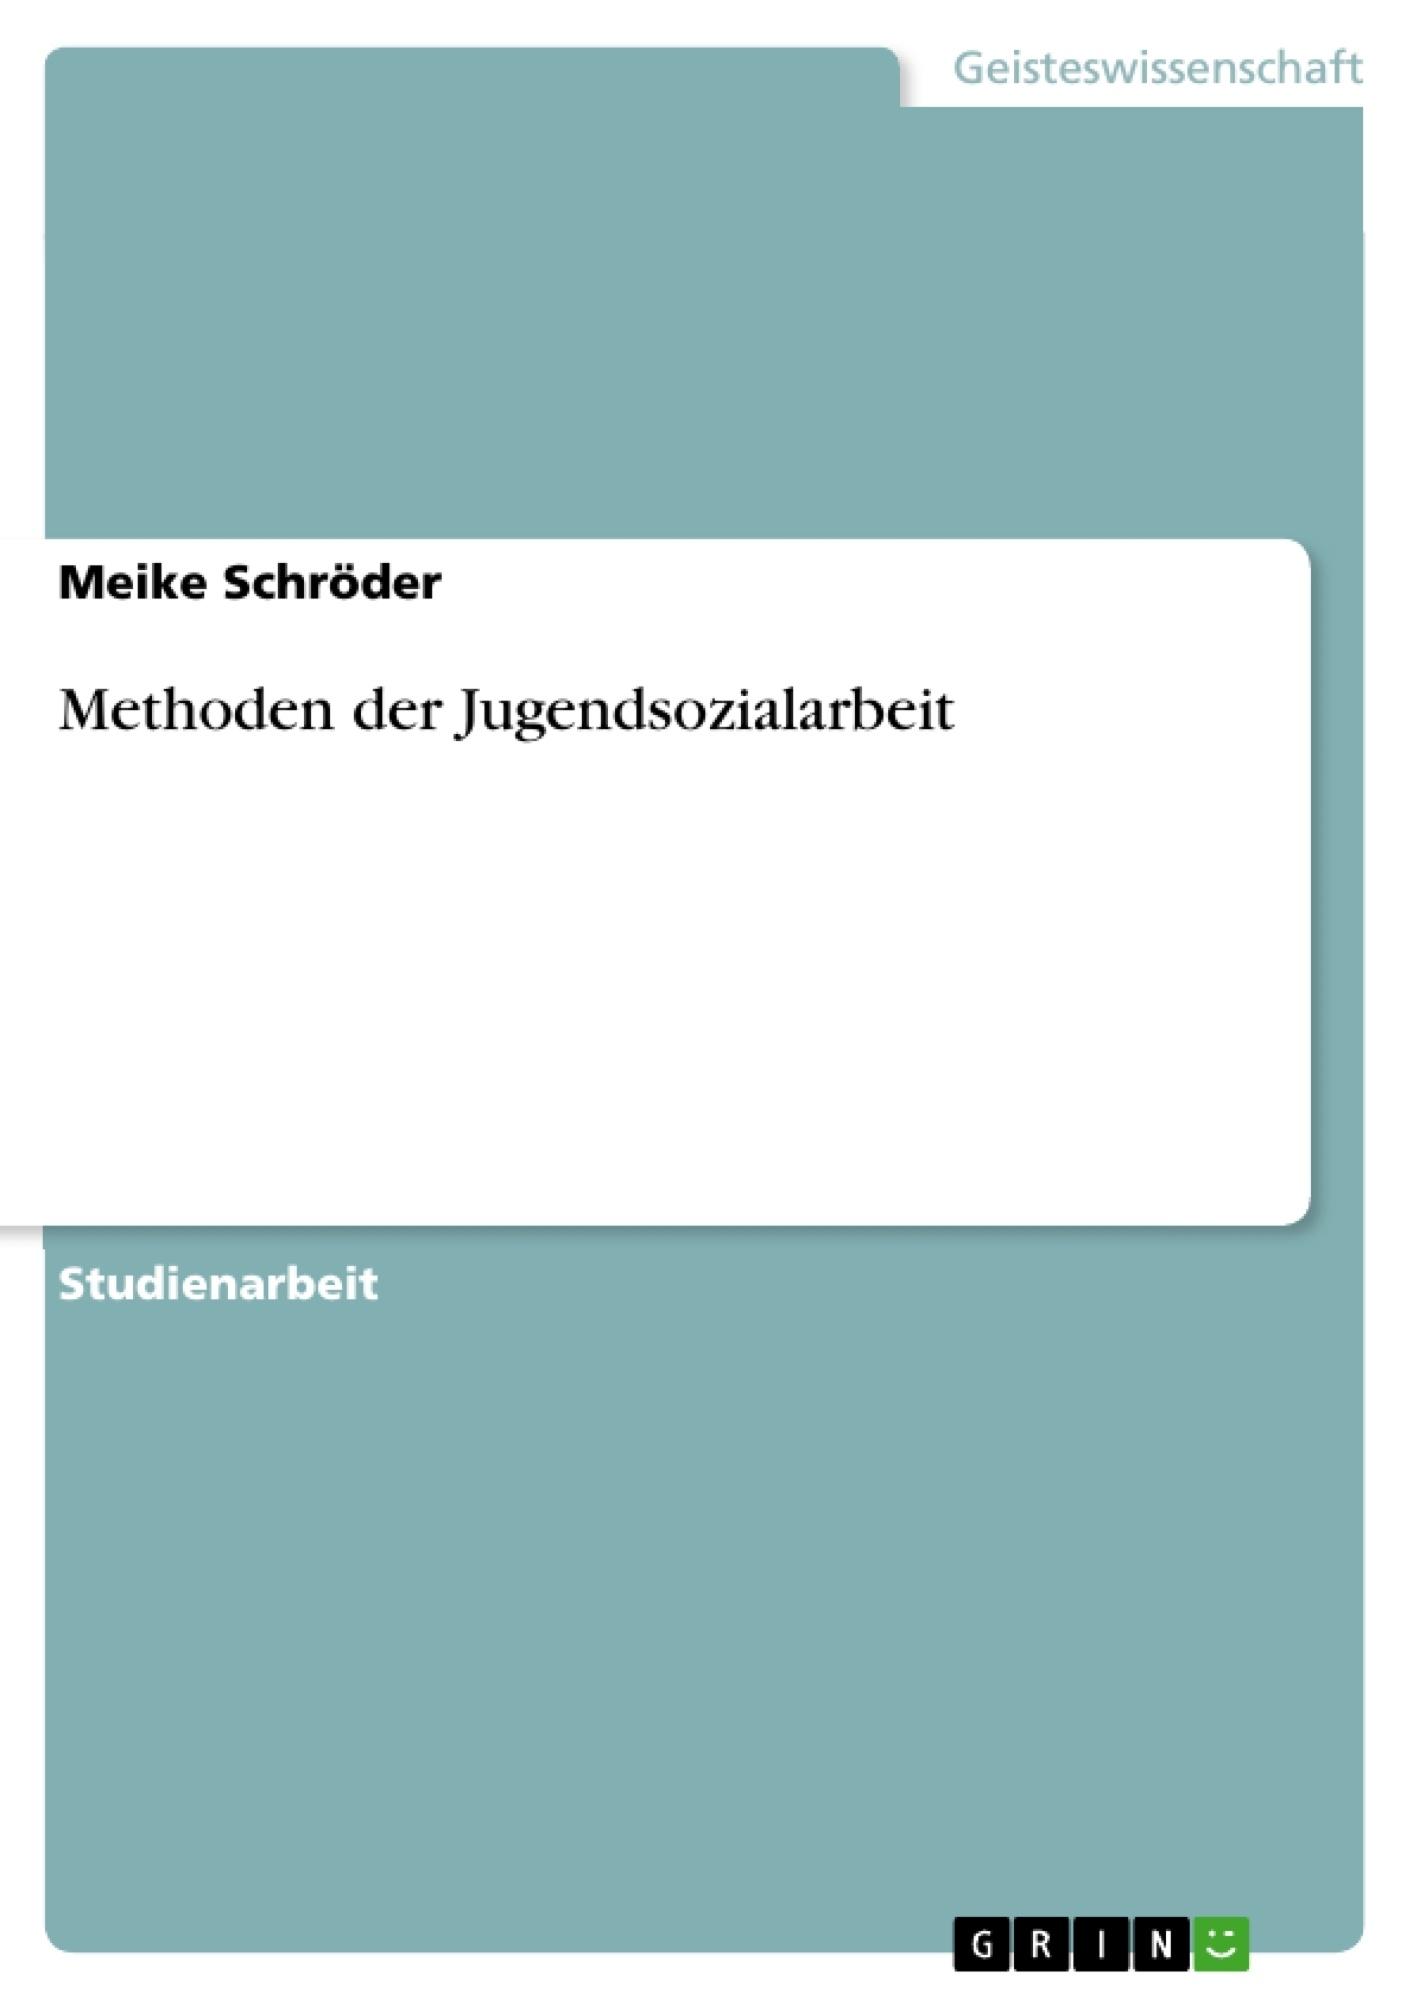 Titel: Methoden der Jugendsozialarbeit